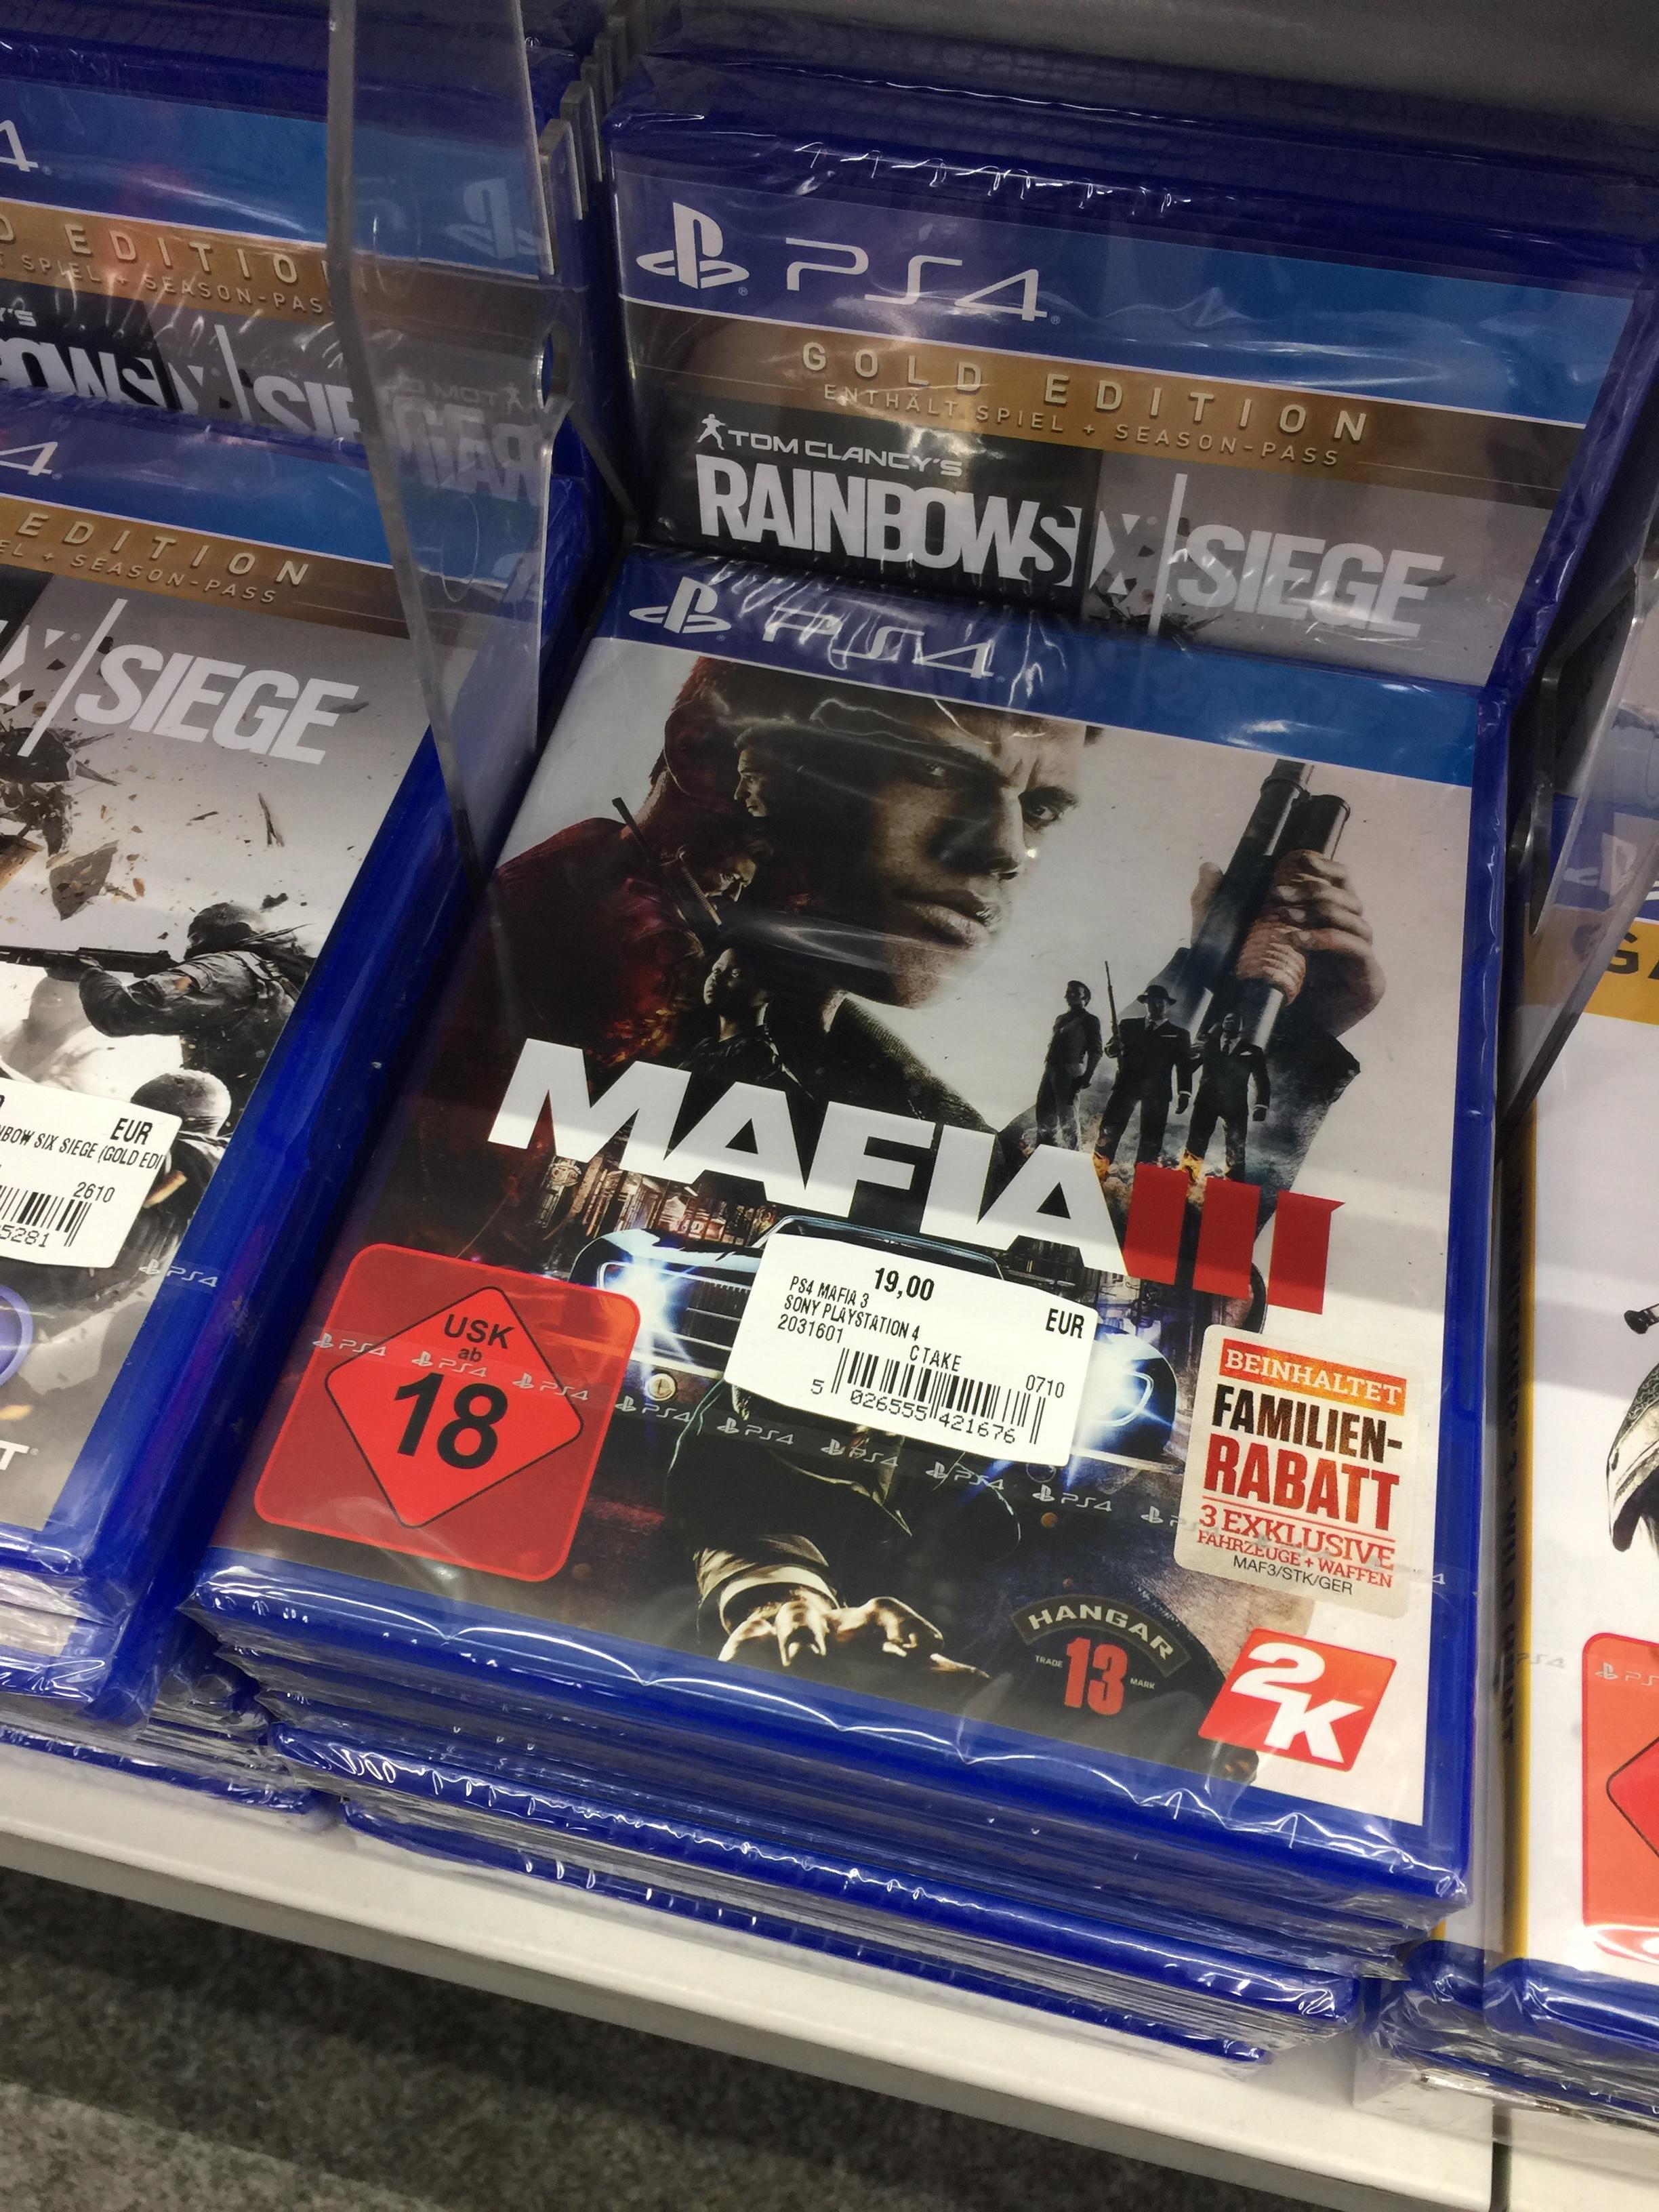 Mafia 3, PS4, Media Markt, München Pasing für 19,00 Euro